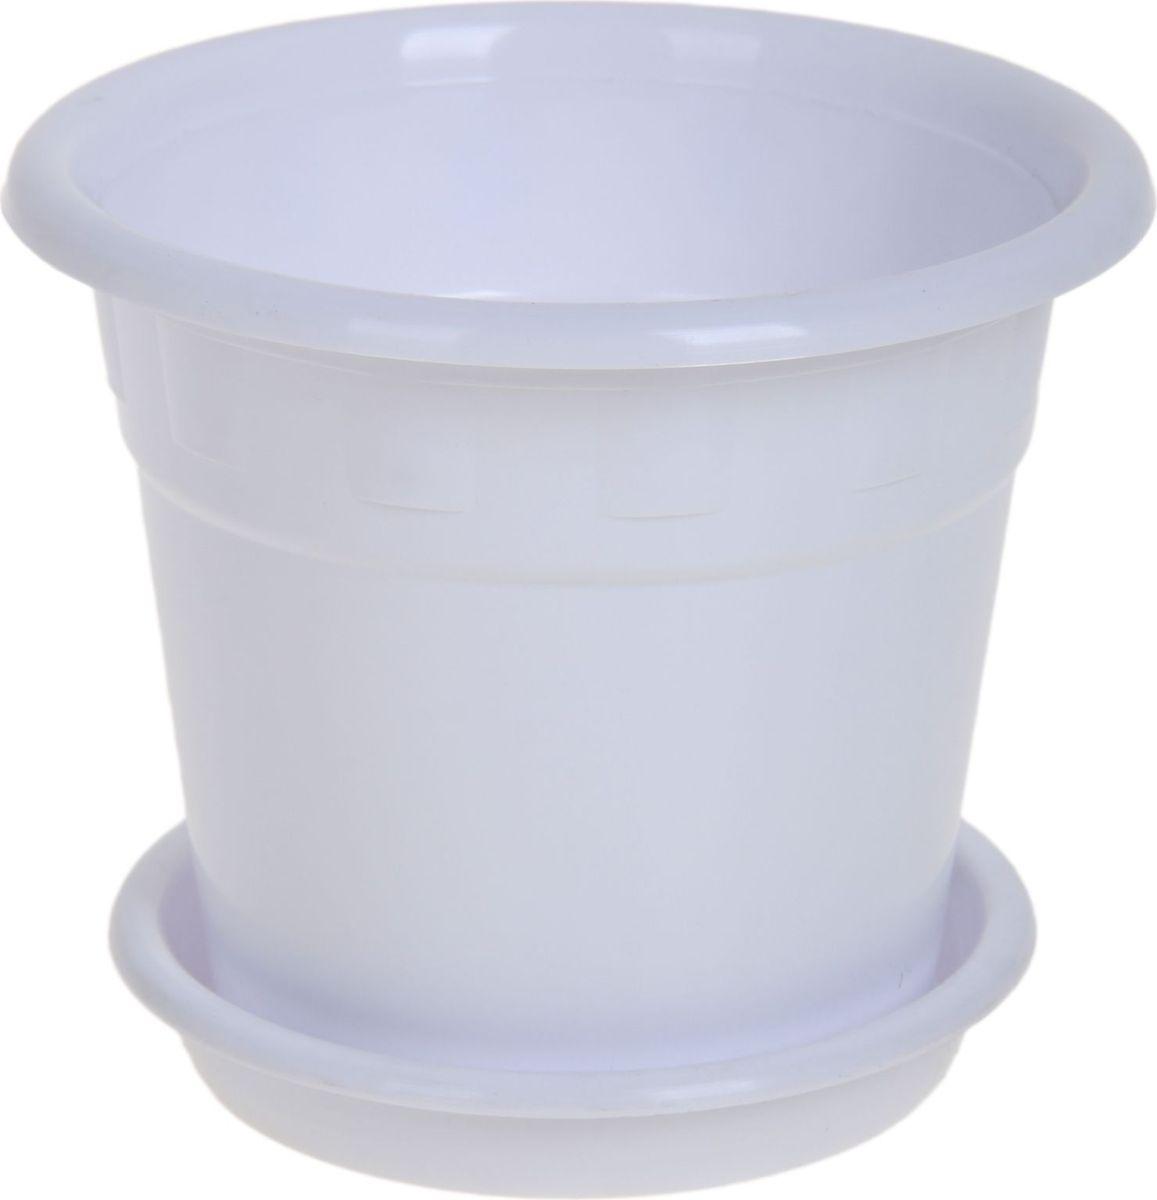 Горшок для цветов Пластик, с поддоном, цвет: белый, 1 л1178Горшок для цветов Пластик обладает малым весом и высокой прочностью. С лёгкостью переносите горшки и кашпо с места на место, ставьте их на столики или полки, подвешивайте под потолок, не беспокоясь о нагрузке. Пластиковые изделия не нуждаются в специальных условиях хранения. Их легко чистить - достаточно просто сполоснуть тёплой водой.Пластиковые кашпо не царапают и не загрязняют поверхности, на которых стоят. Пластик дольше хранит влагу, а значит растение реже нуждается в поливе.Пластмасса не пропускает воздух, а значит, корневой системе растения не грозят резкие перепады температур. Соблюдая нехитрые правила ухода, вы можете заметно продлить срок службы горшков, вазонов и кашпо из пластика:- всегда учитывайте размер кроны и корневой системы растения (при разрастании большое растение способно повредить маленький горшок). - берегите изделие от воздействия прямых солнечных лучей, чтобы кашпо и горшки не выцветали. - держите кашпо и горшки из пластика подальше от нагревающихся поверхностей. Любой, даже самый современный и продуманный интерьер будет не завершённым без растений. Они не только очищают воздух и насыщают его кислородом, но и заметно украшают окружающее пространство. Такому полезному члену семьи просто необходимо красивое и функциональное кашпо, оригинальный горшок или необычная ваза!